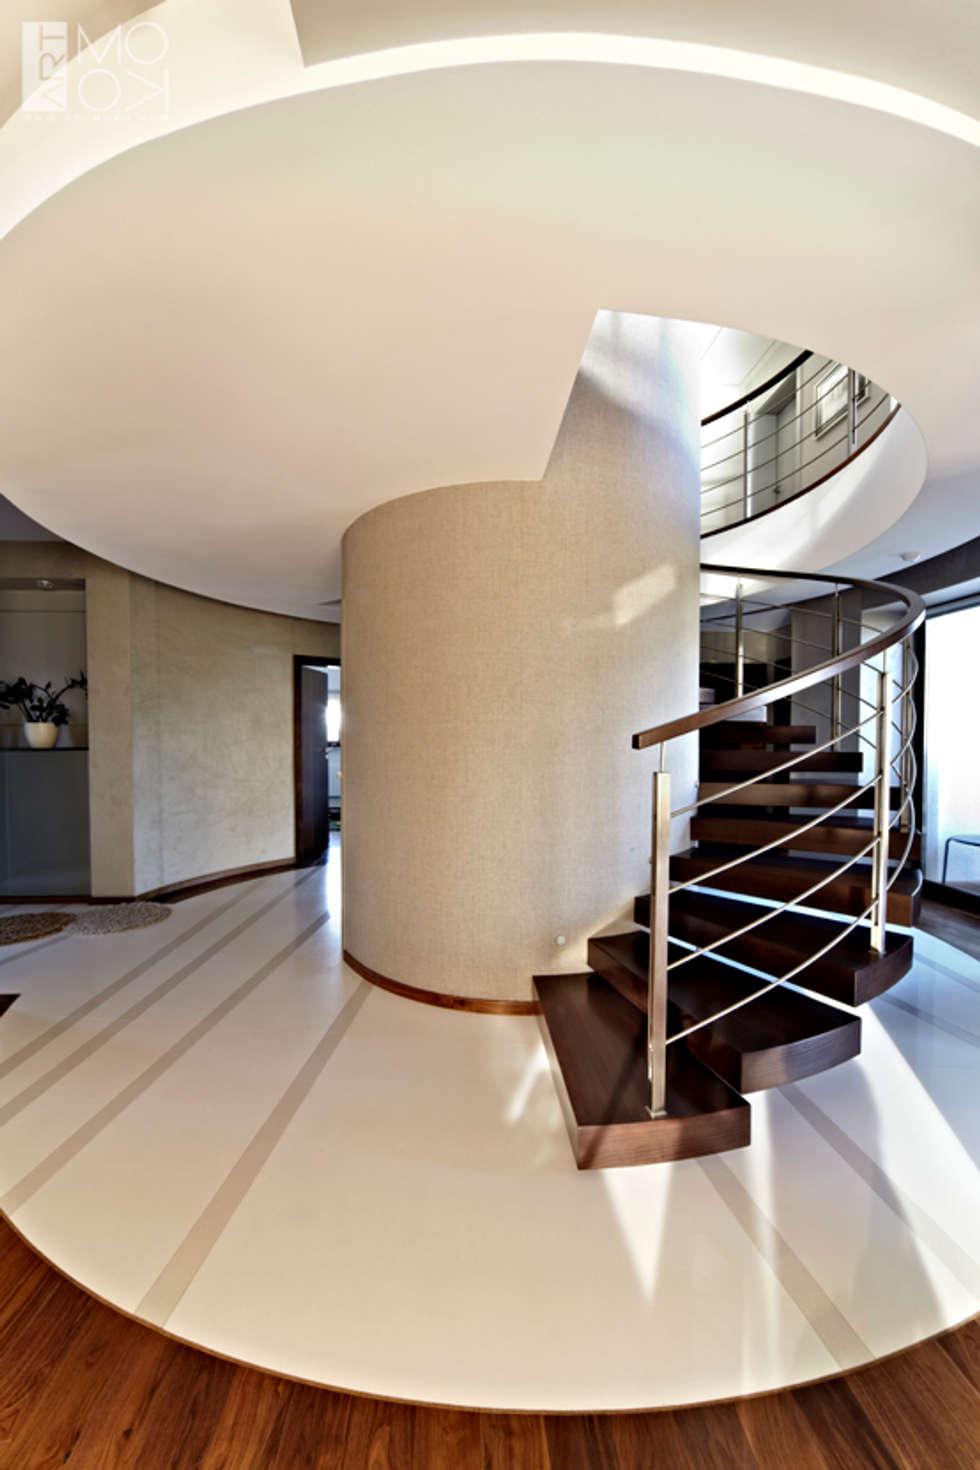 Nowoczesne okrągłe schody: styl , w kategorii Korytarz, przedpokój zaprojektowany przez Pracownia projektowa artMOKO